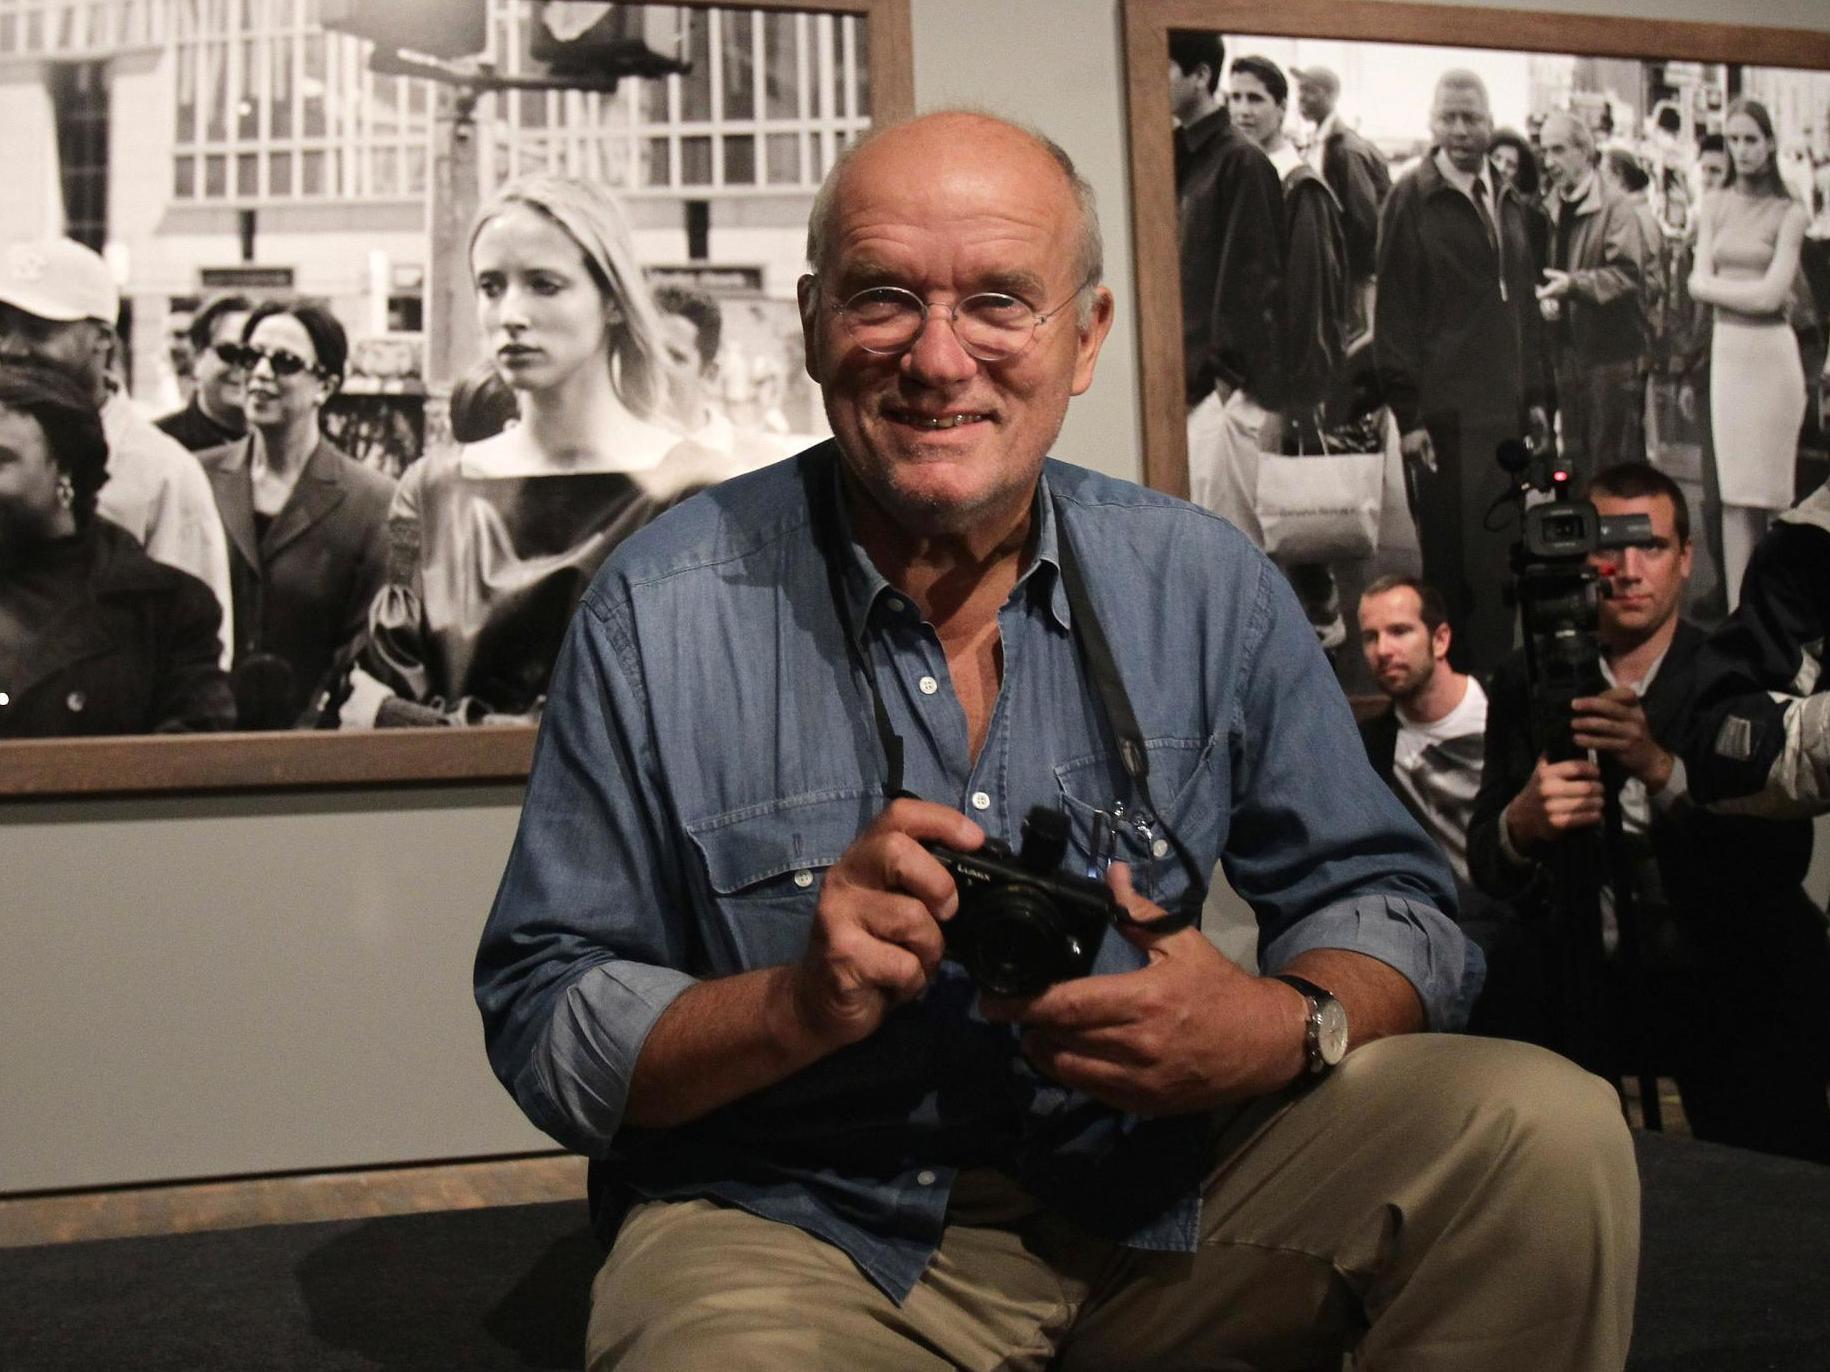 Peter Lindbergh death: Famous fashion photographer dies